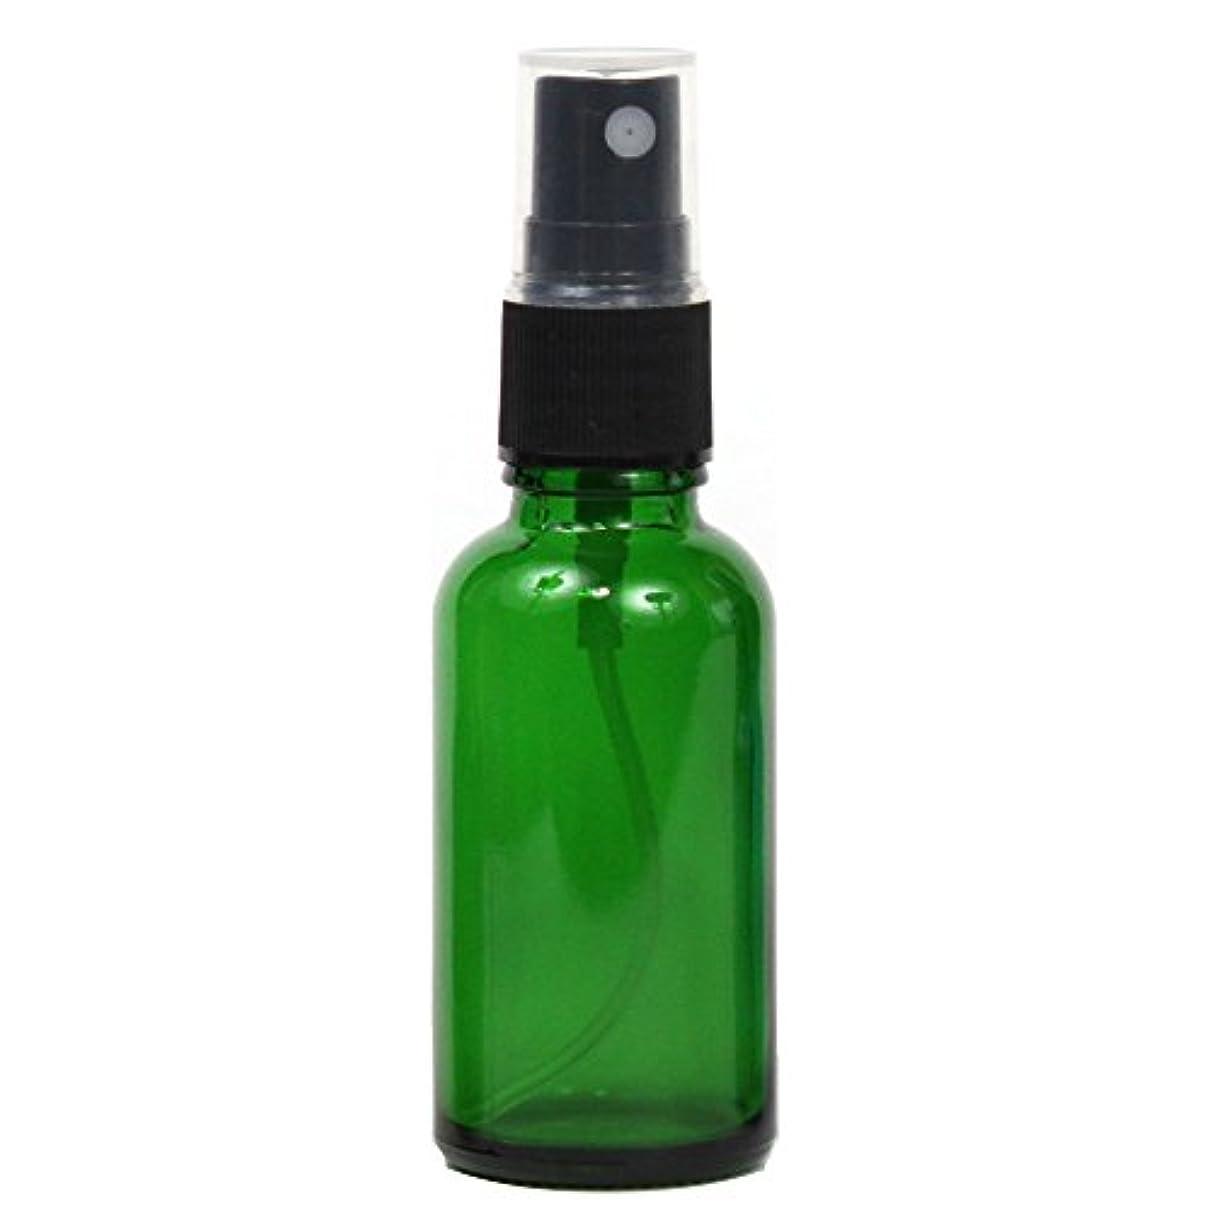 凶暴な熟すシェフスプレーボトル 30mL ガラス遮光性グリーン 瓶 空容器